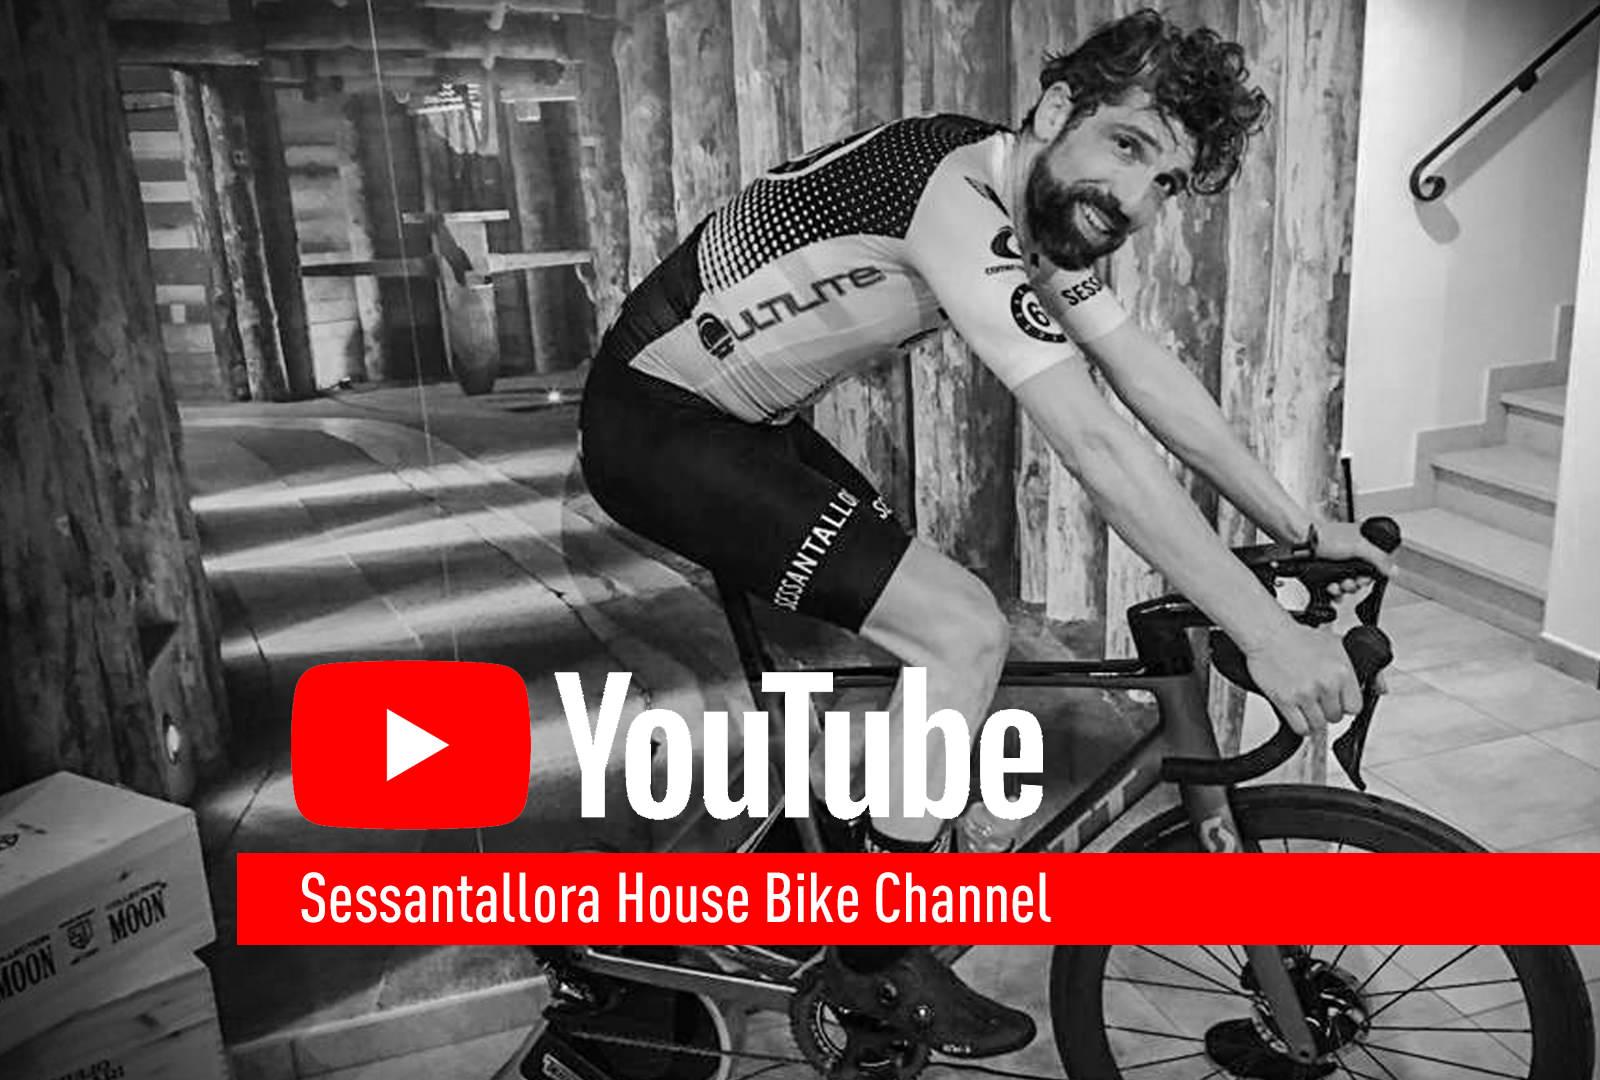 Allenamento rulli youtube